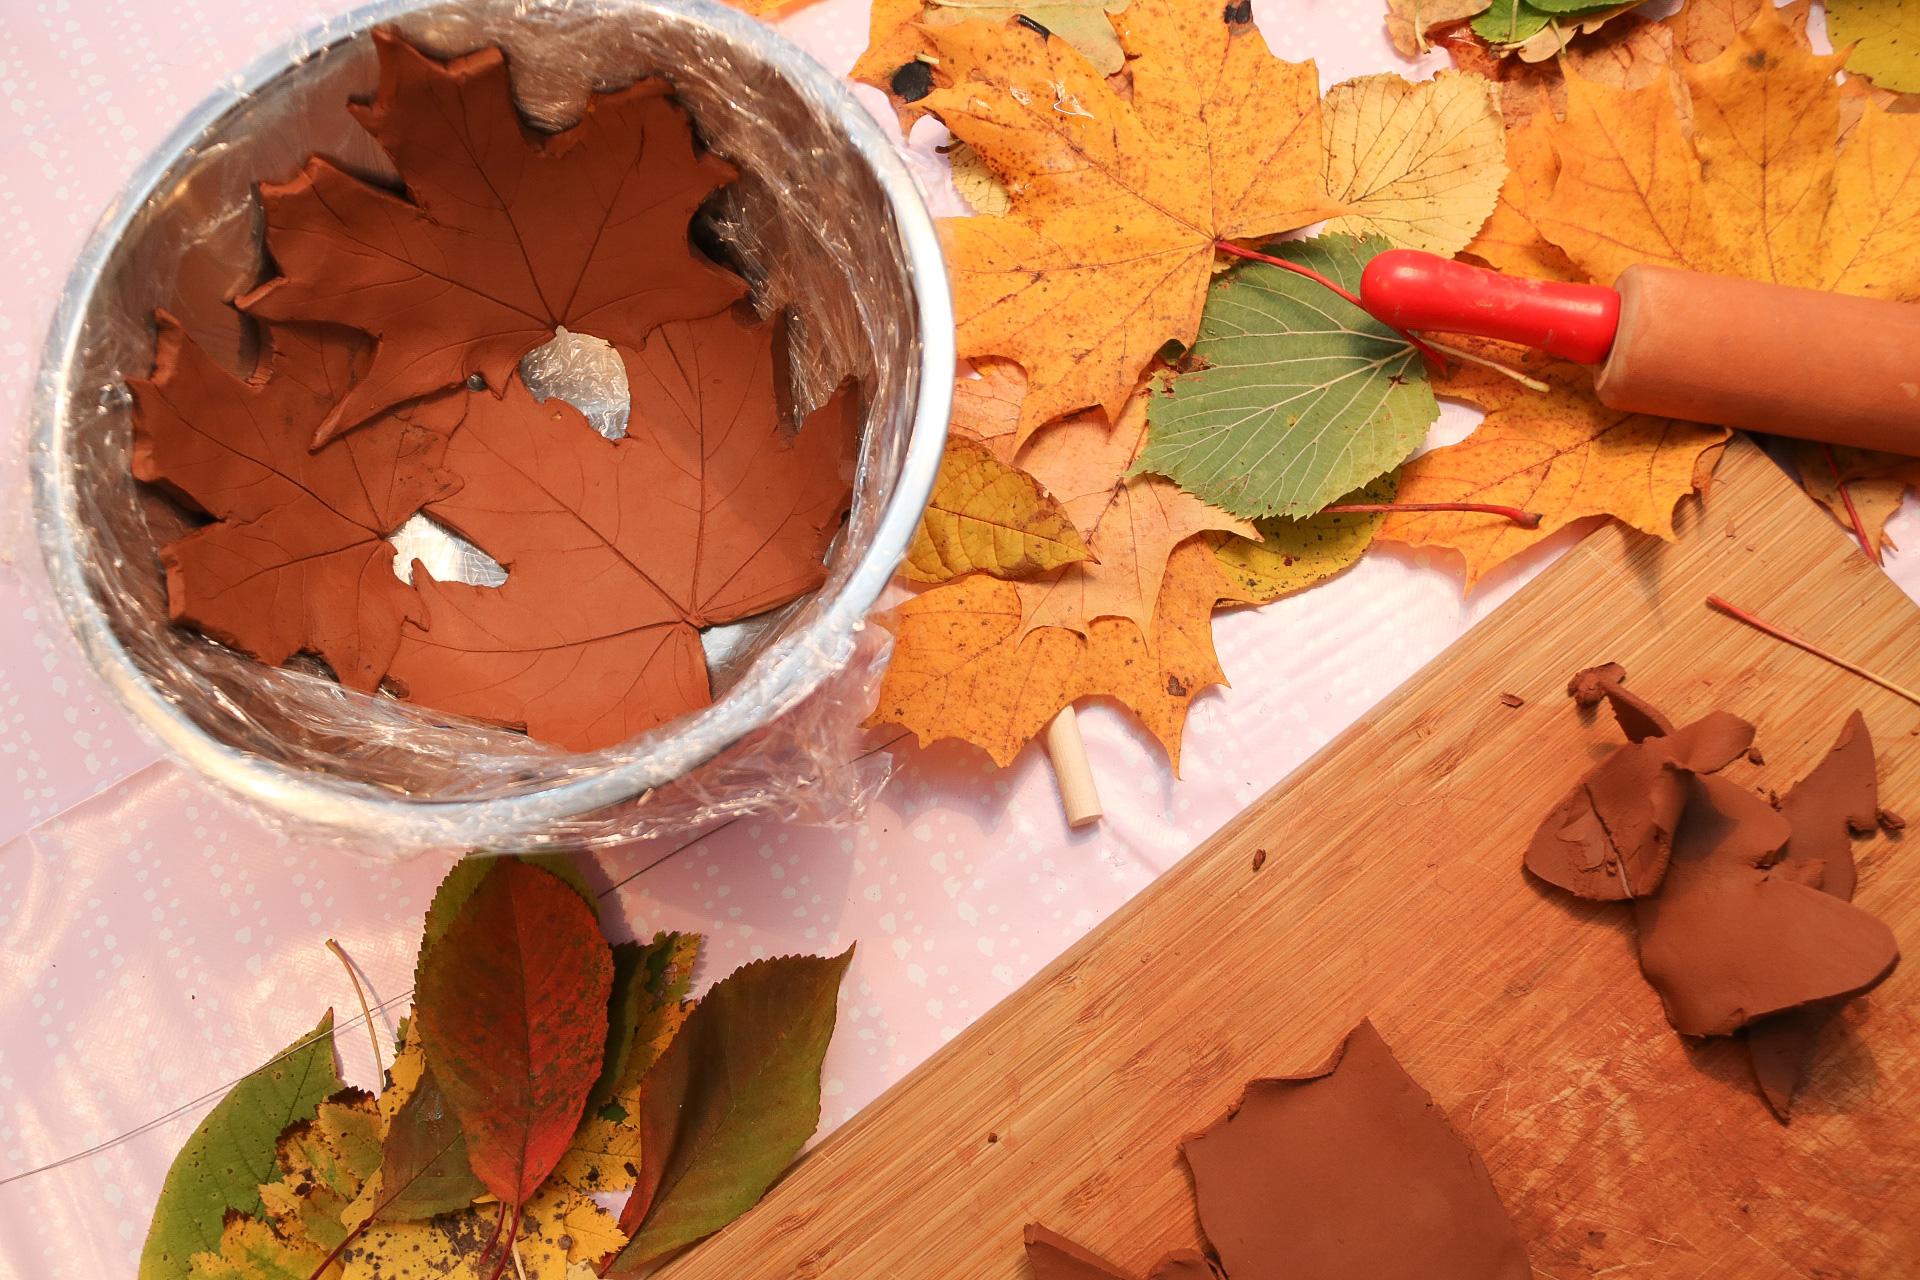 Lövskål av lera